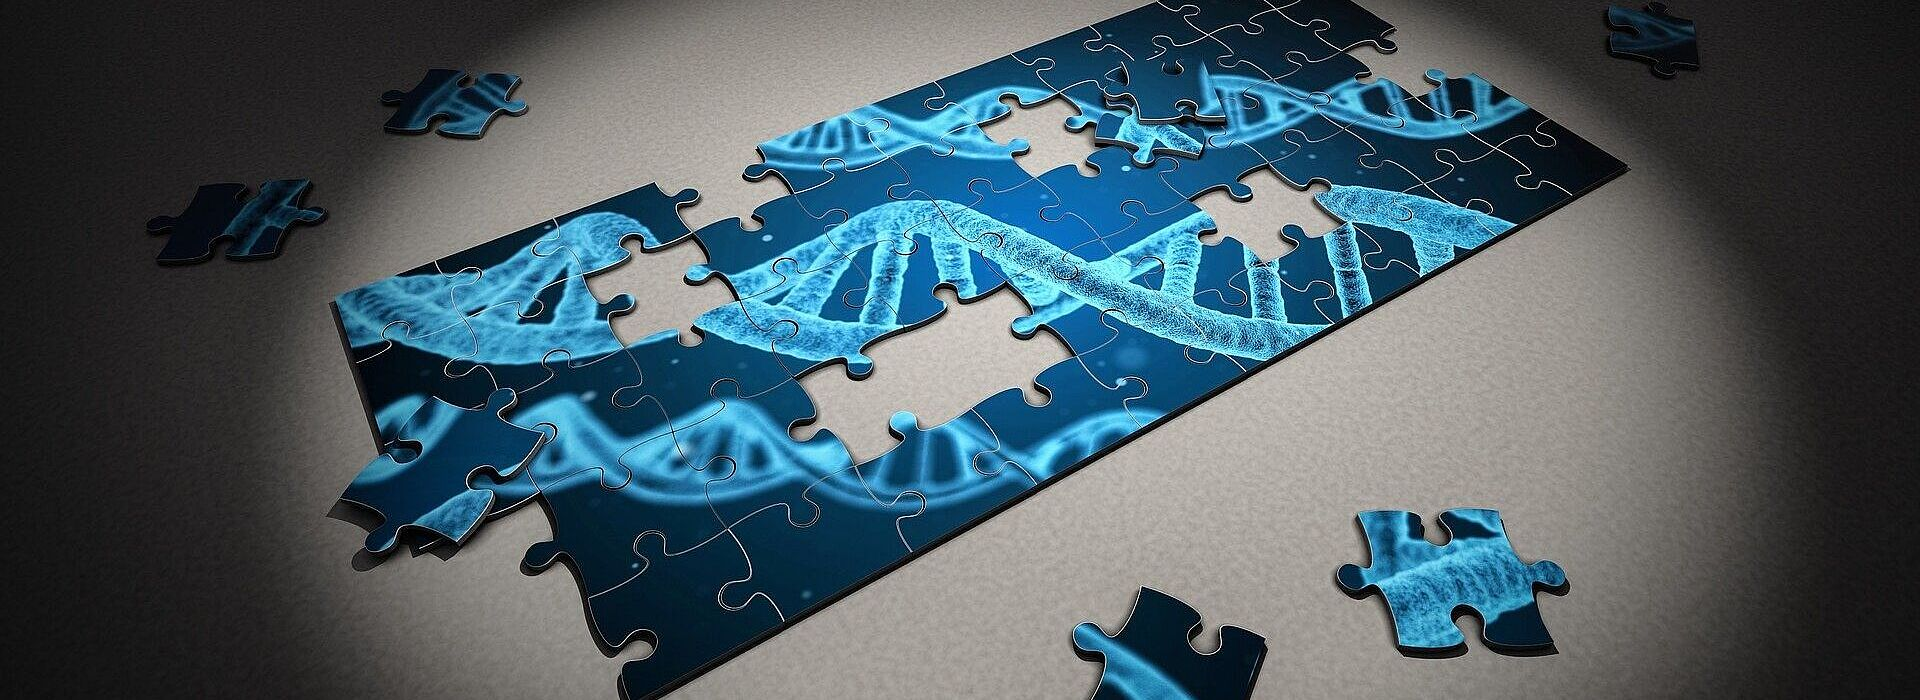 imagem de um quebra-cabeça semimontado com o desenho de um DNA em tons azuis